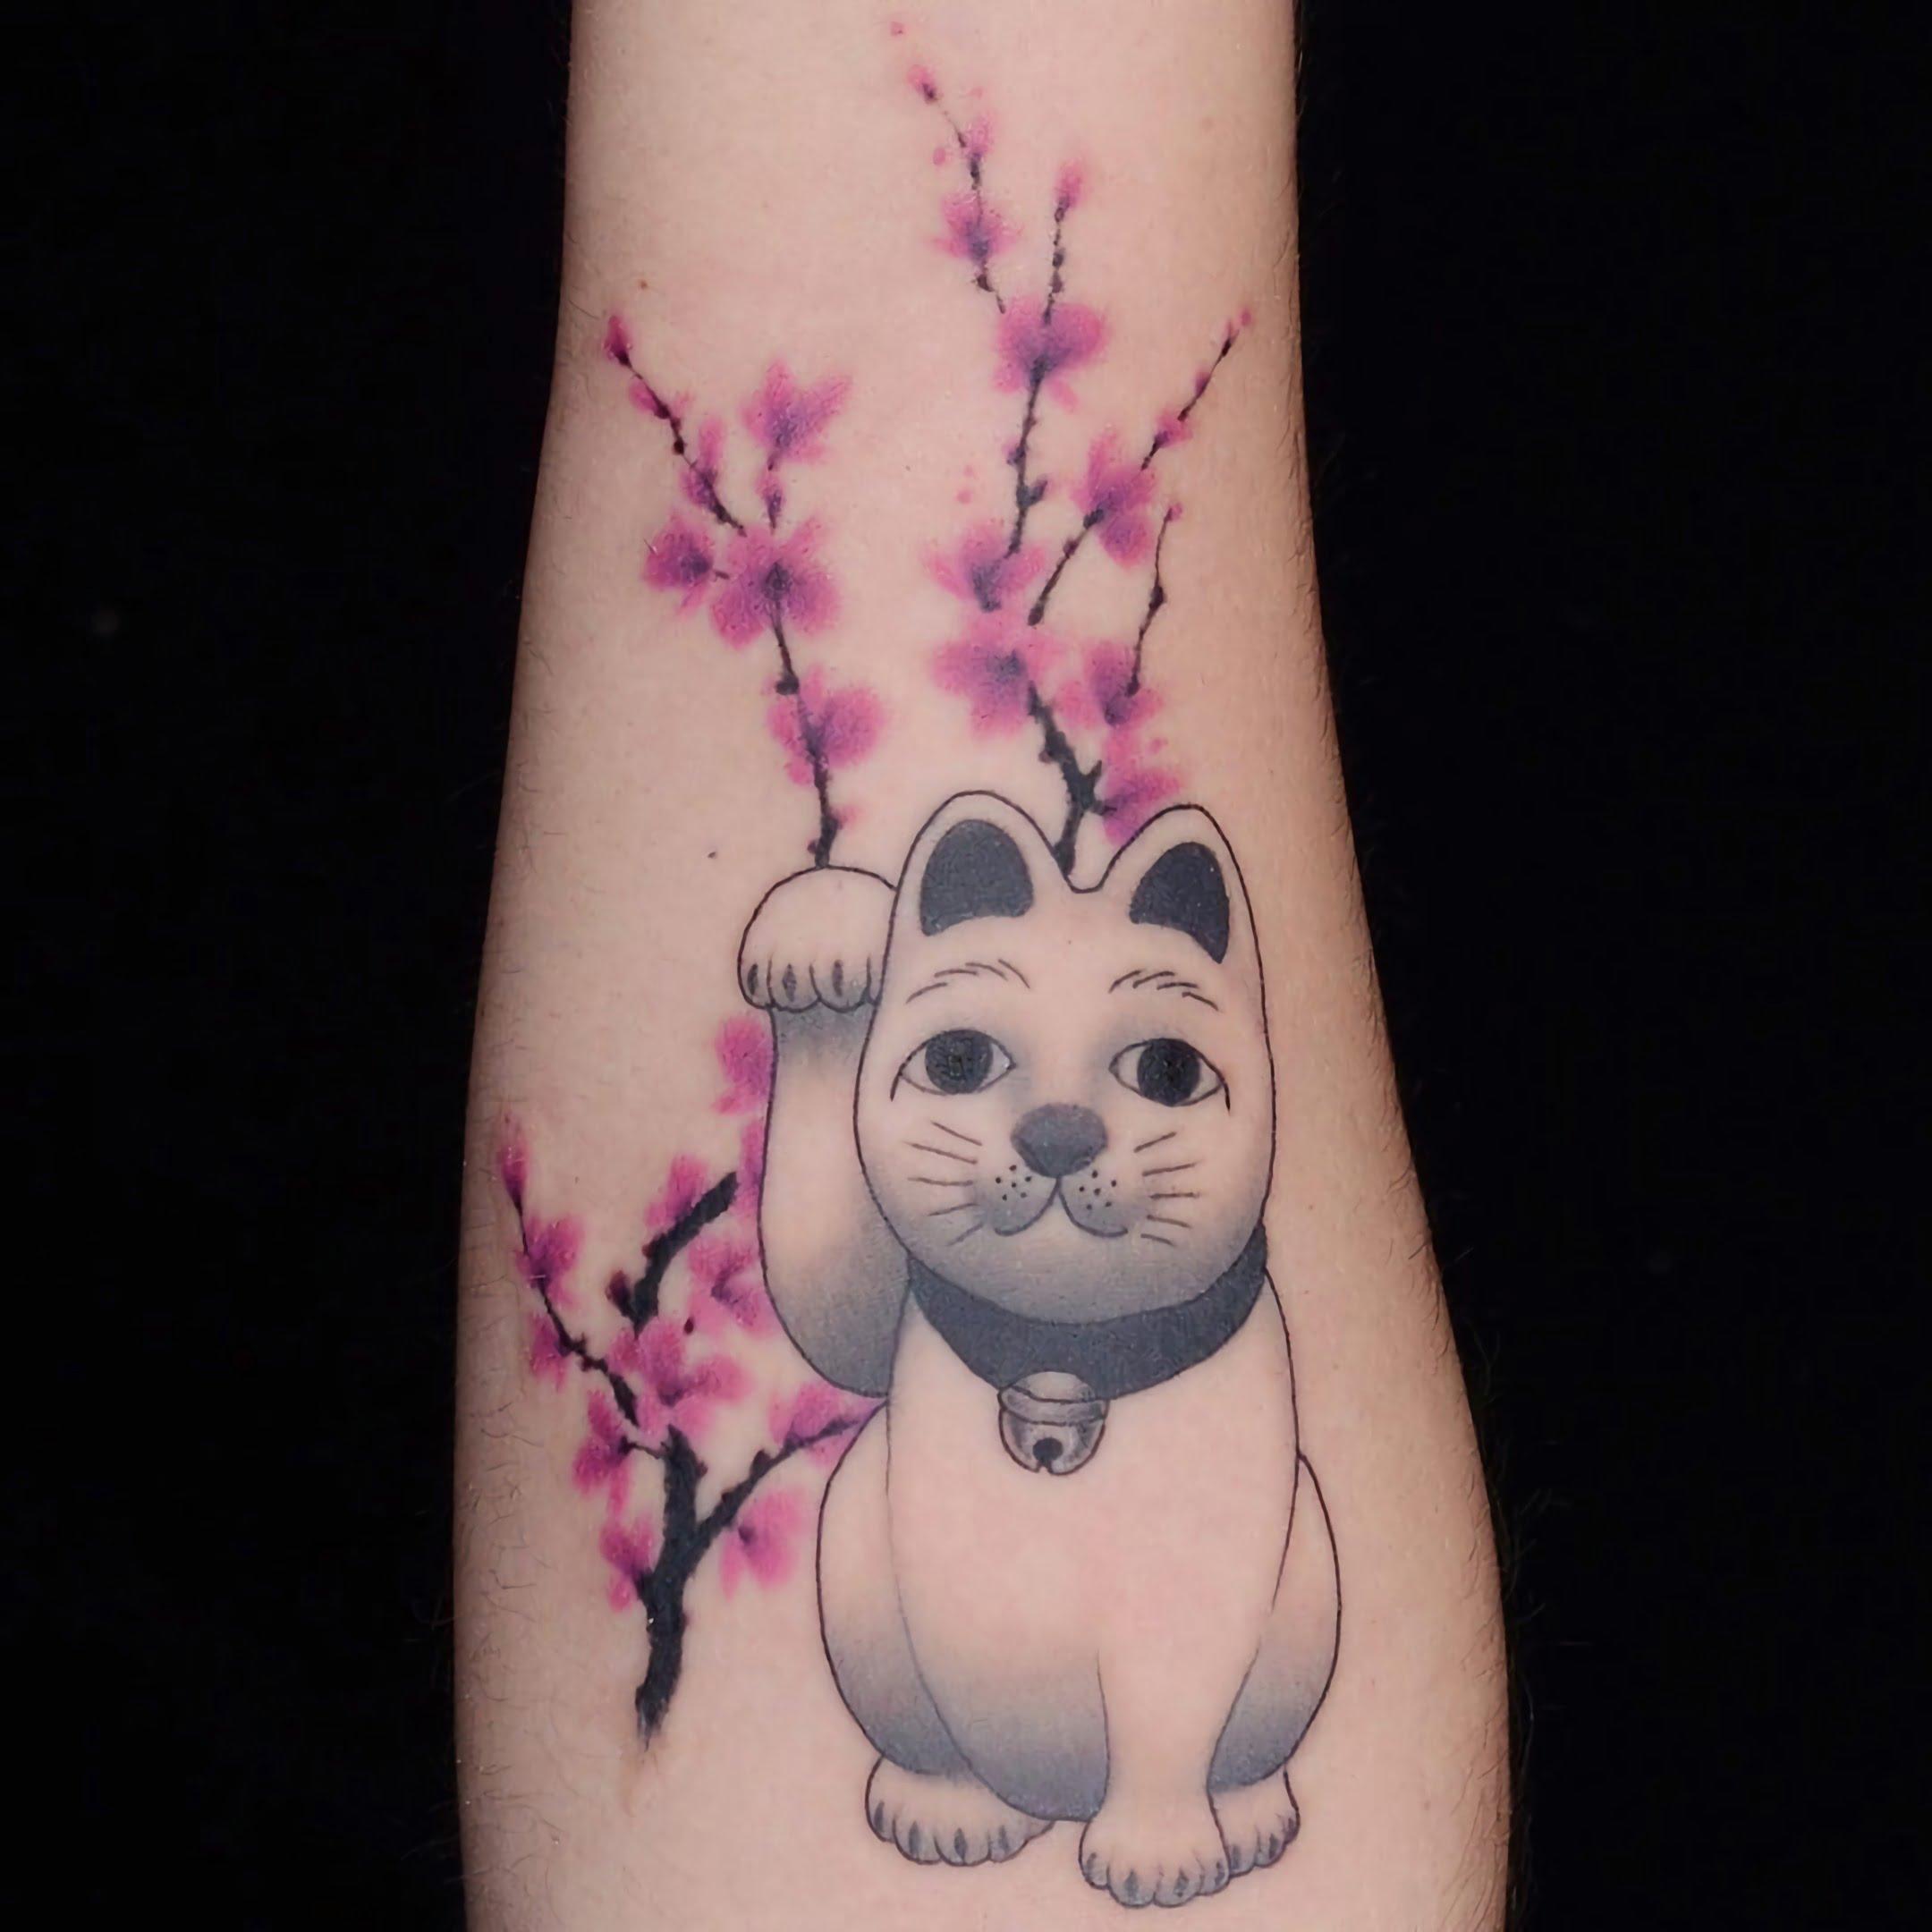 красивая разноцветная татуировка на руке с цветами и кошкой